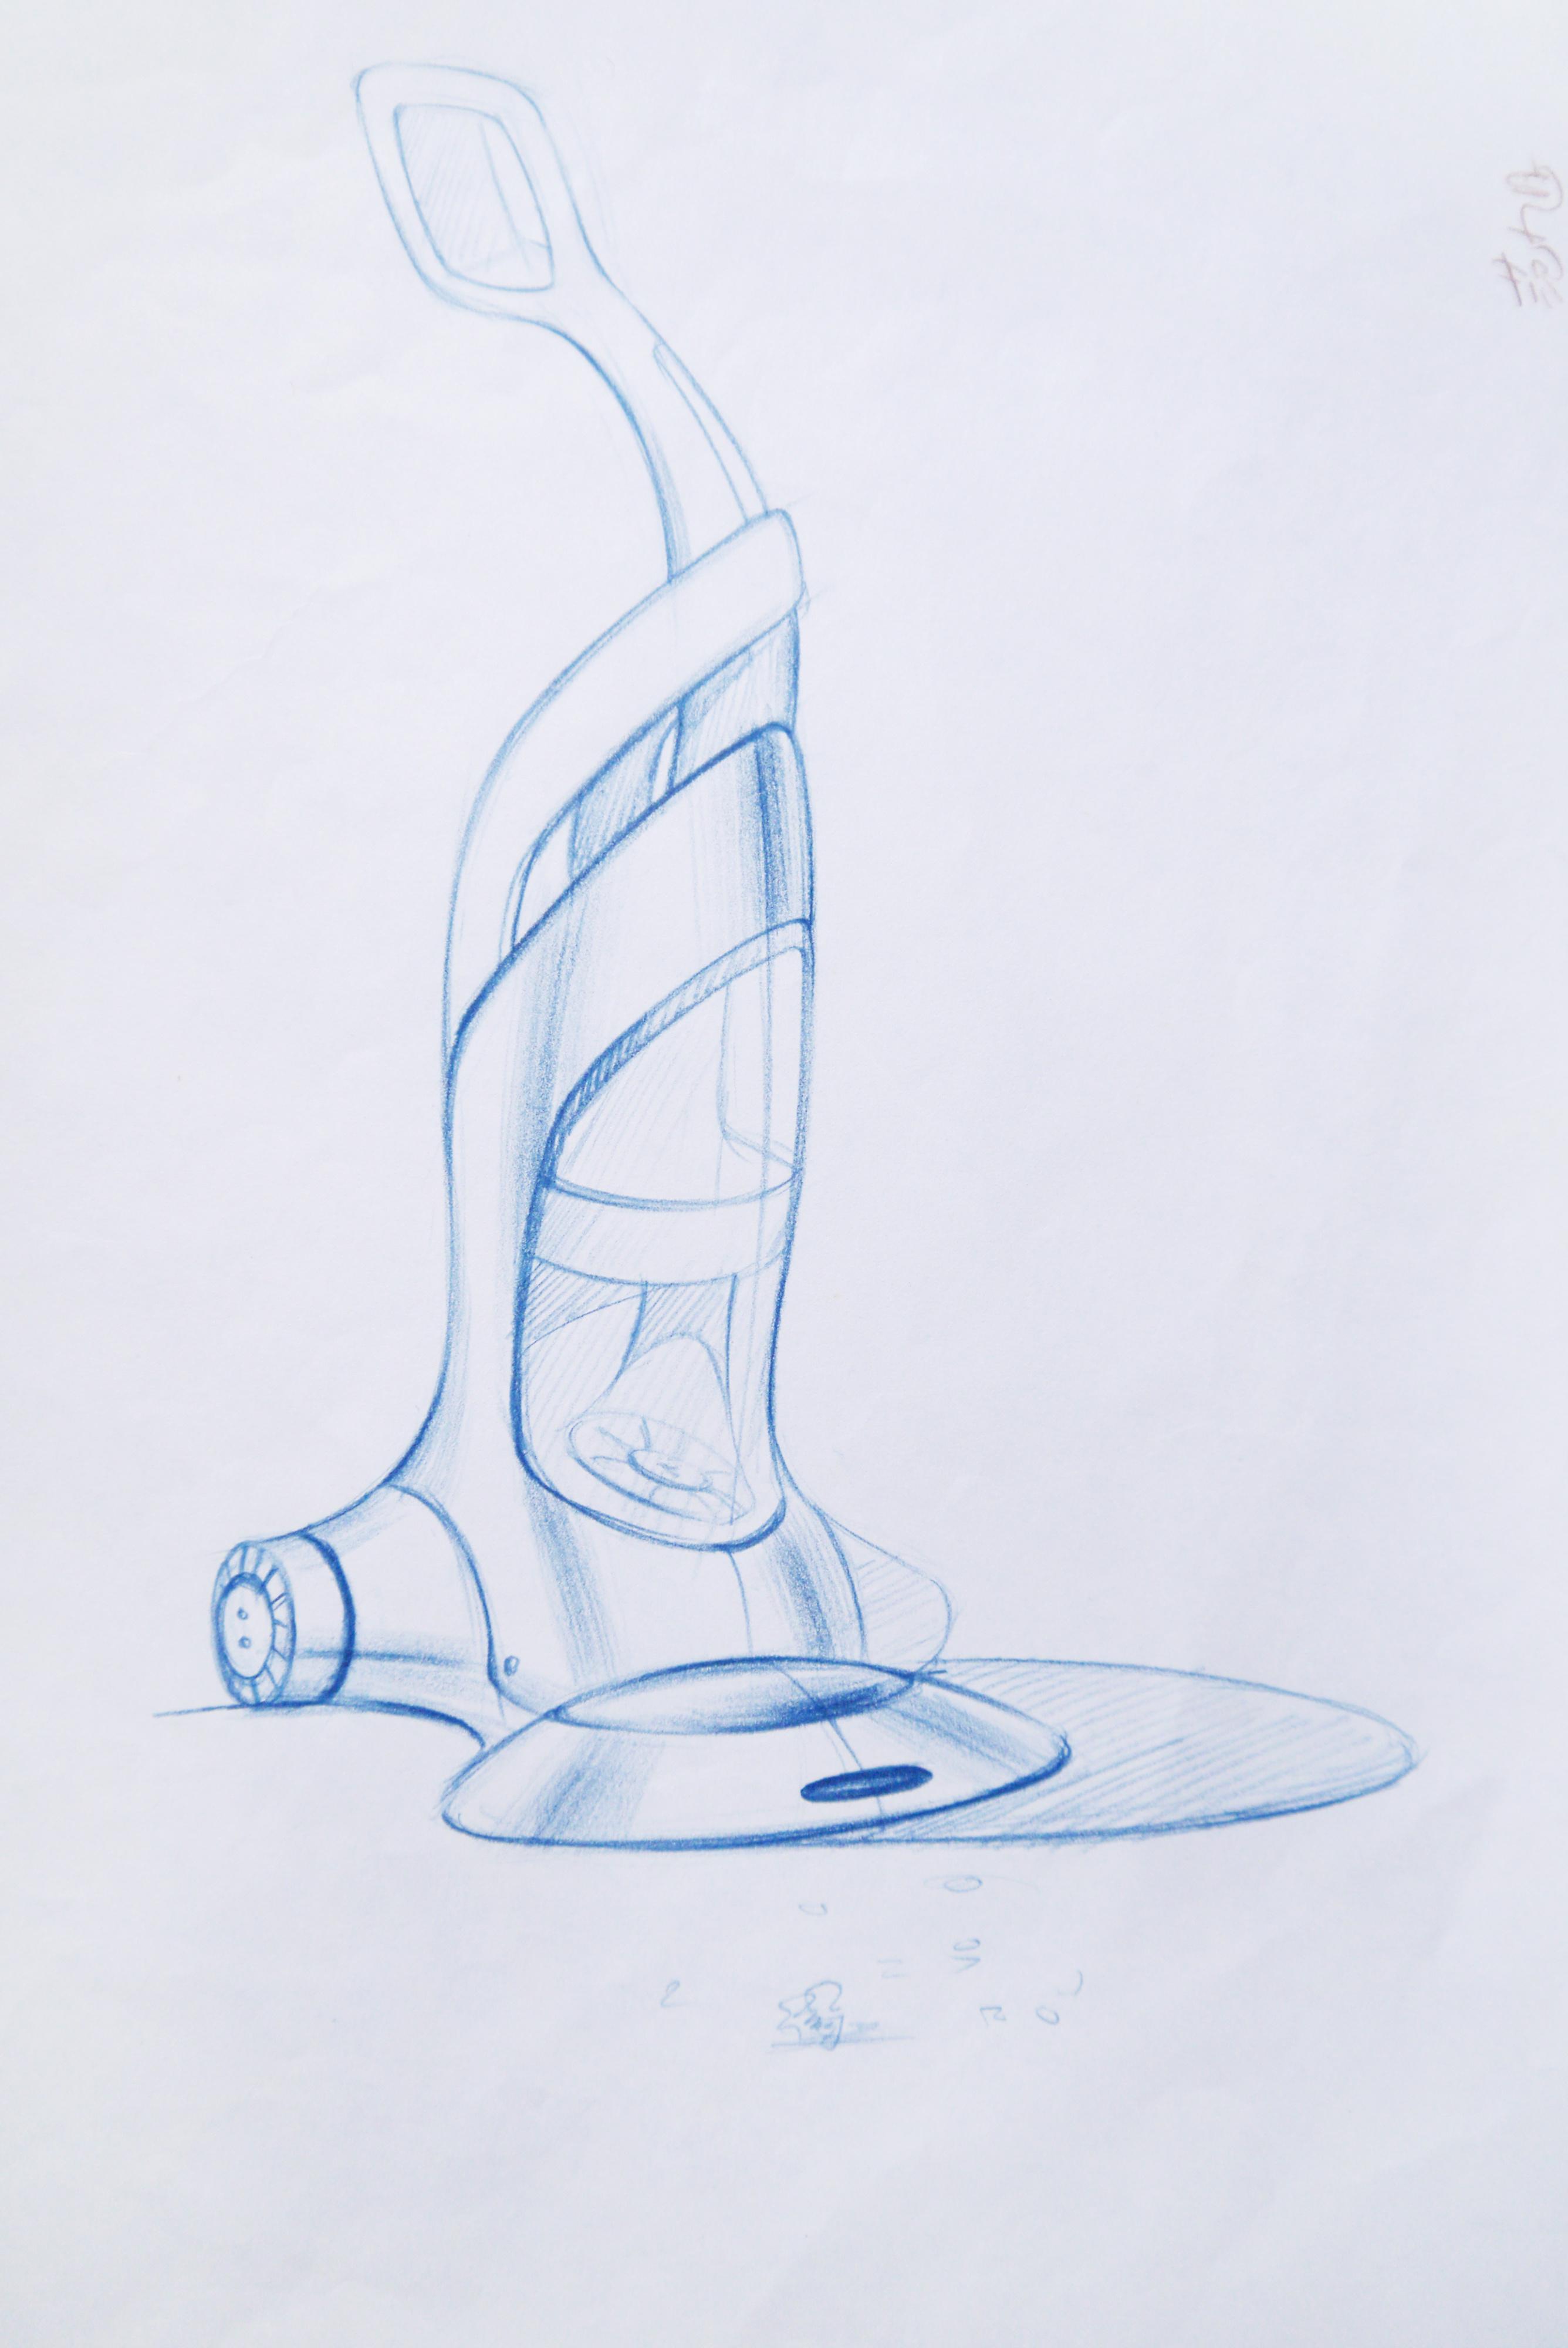 【设计手绘】彩铅手绘效果图